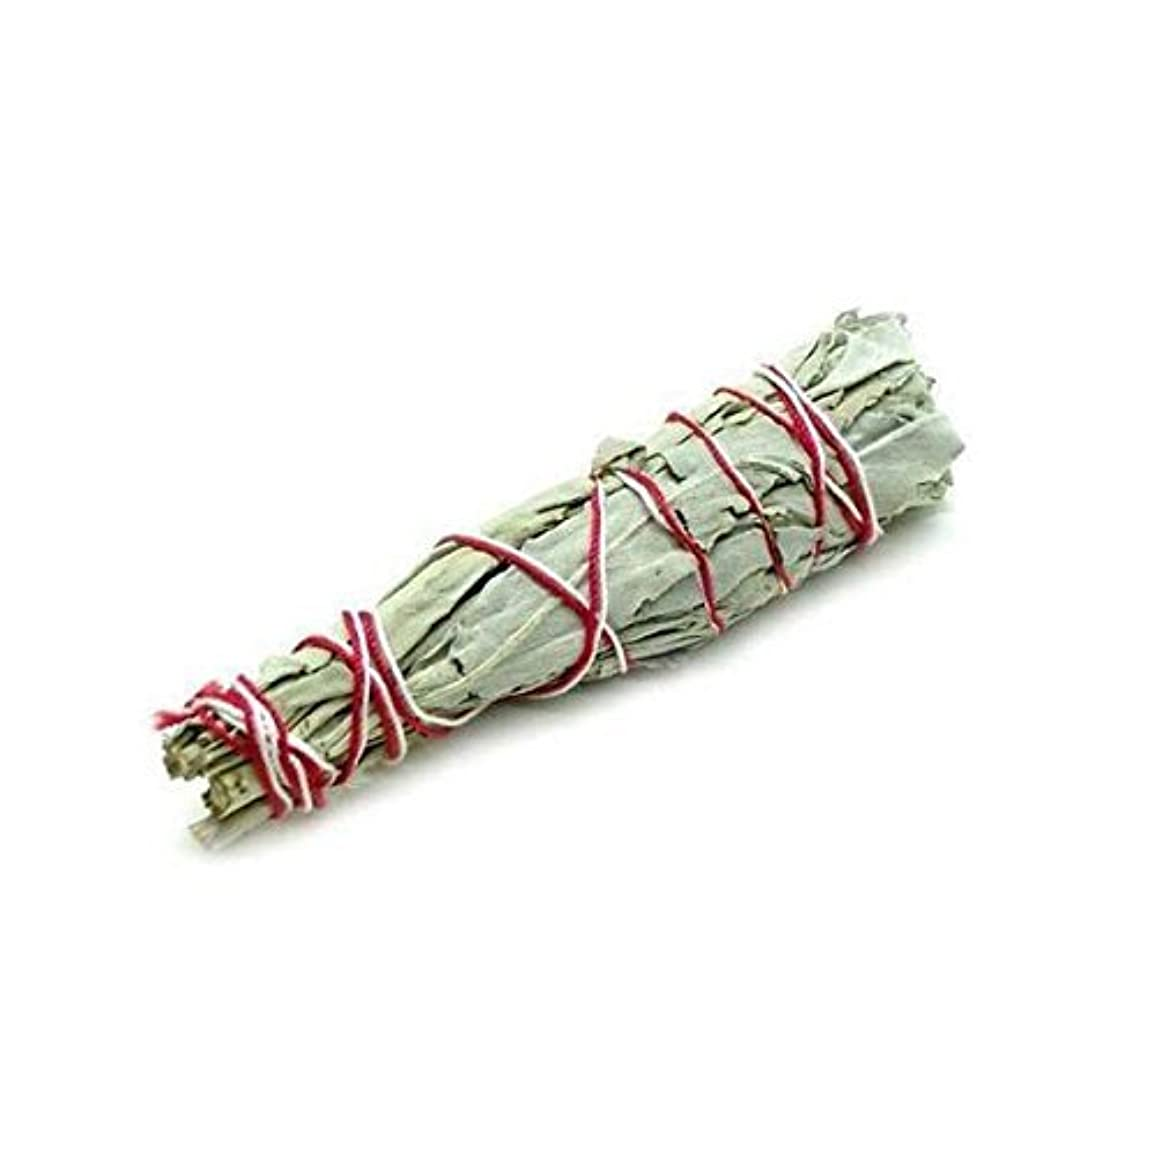 可動ストローク未就学セージバンドル – ホワイトセージSmudge Stick使用のクレンジングとPurifyingエネルギー、瞑想、自然として、消臭 – 6 Inches Long